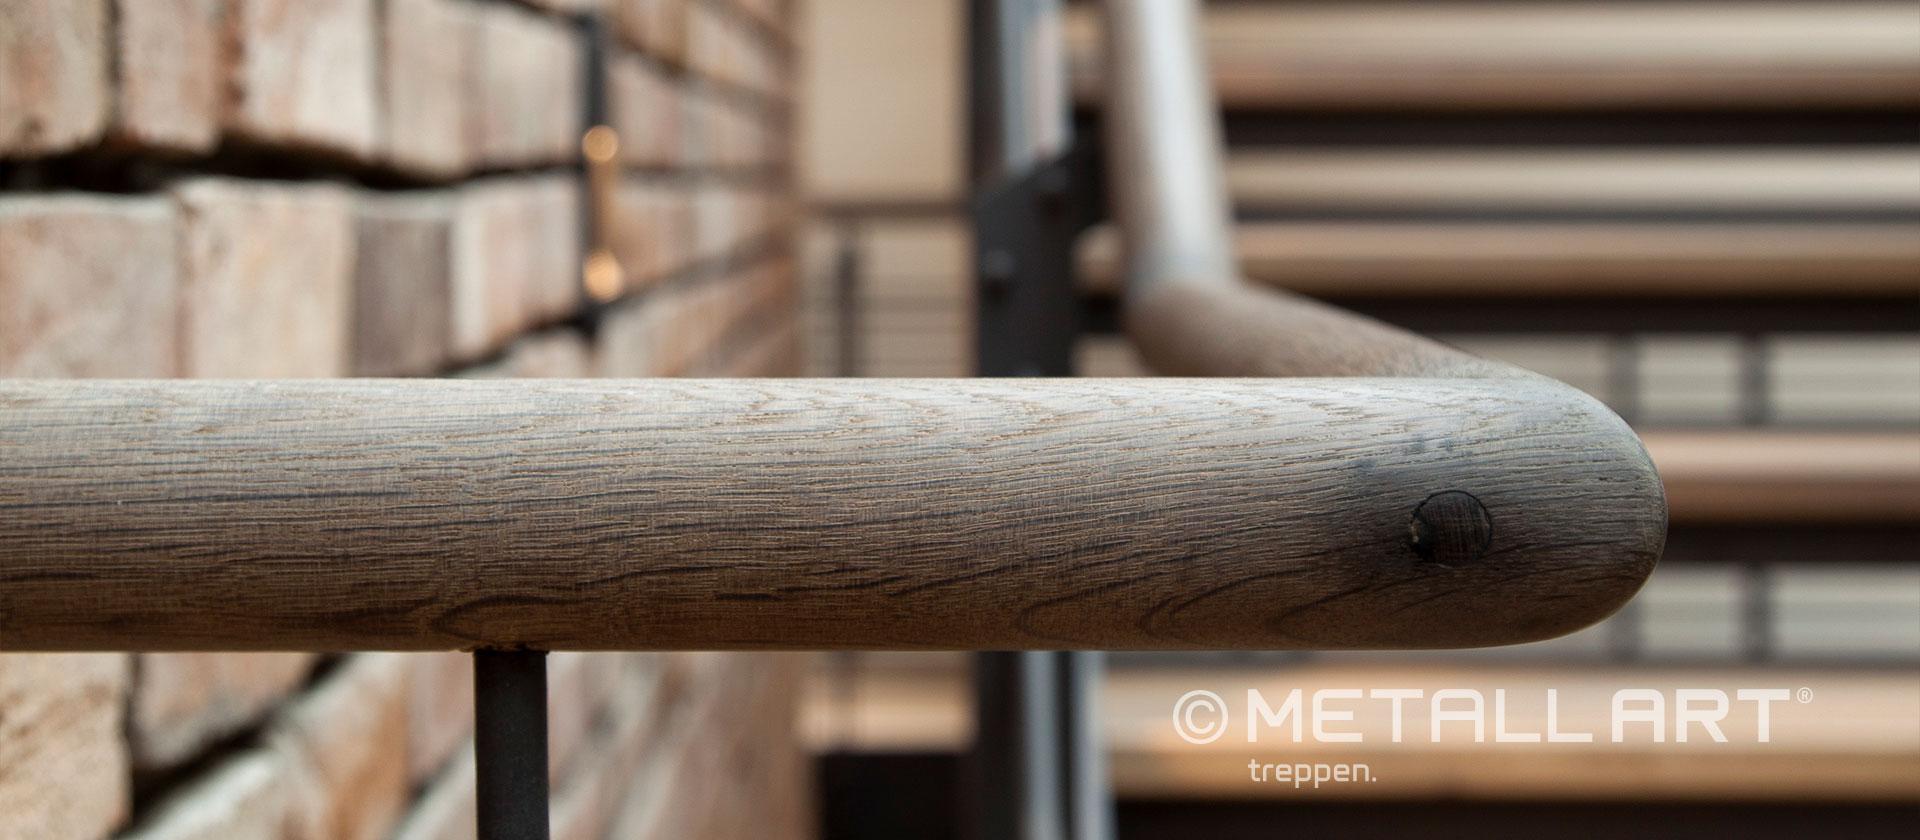 Dunkler Holzhandlauf in edlem Look